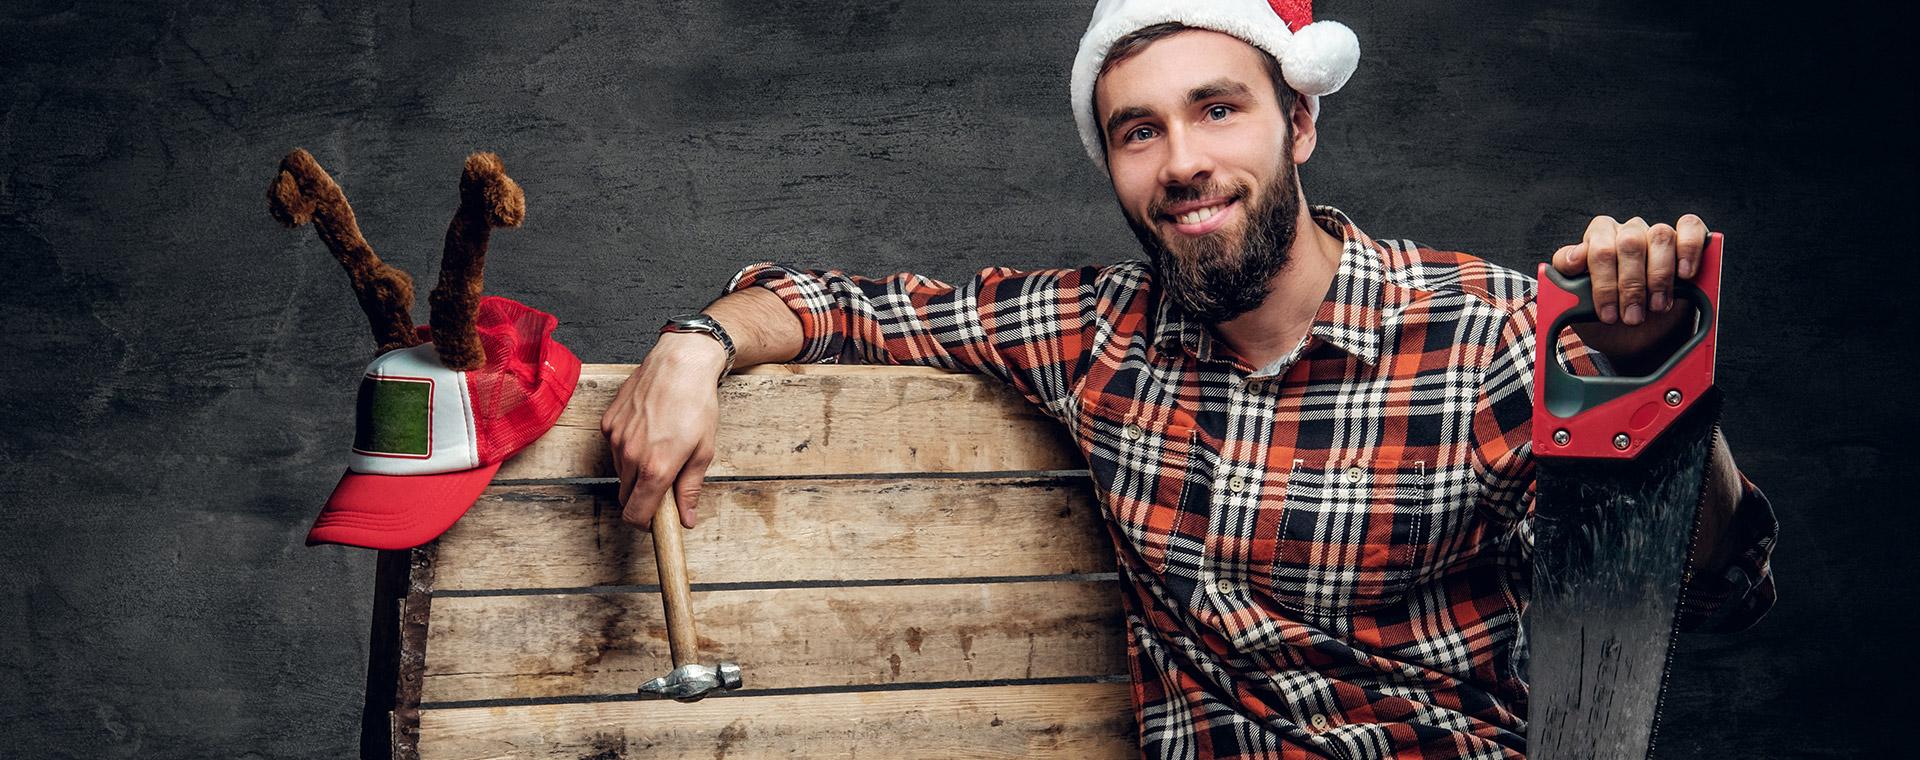 Kutilské Vánoce na 6 (hororových) způsobů